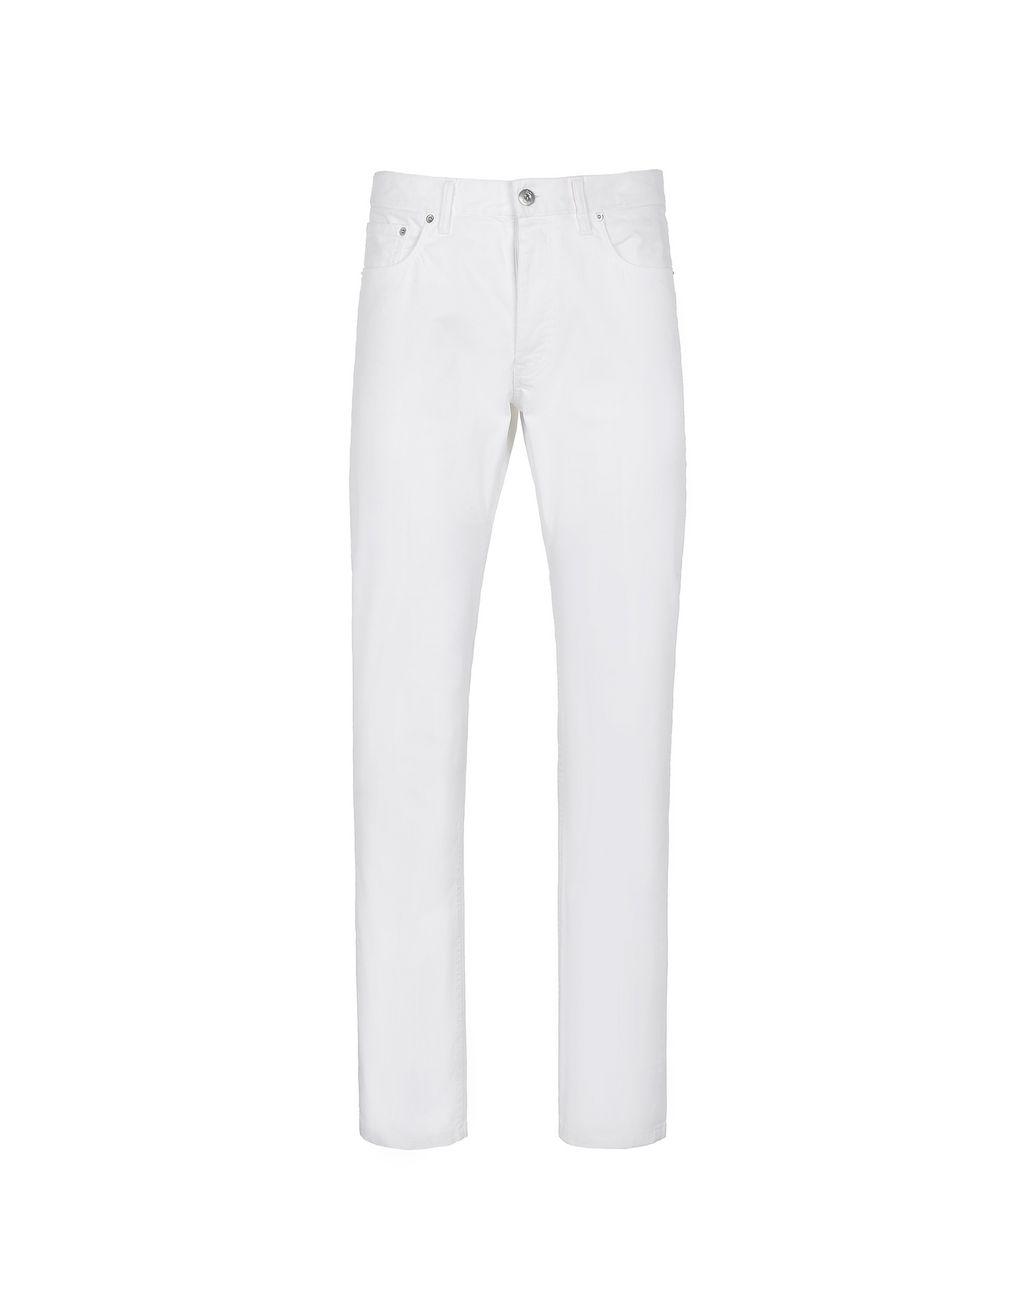 BRIONI  Белые джинсы классического кроя Деним Для Мужчин f